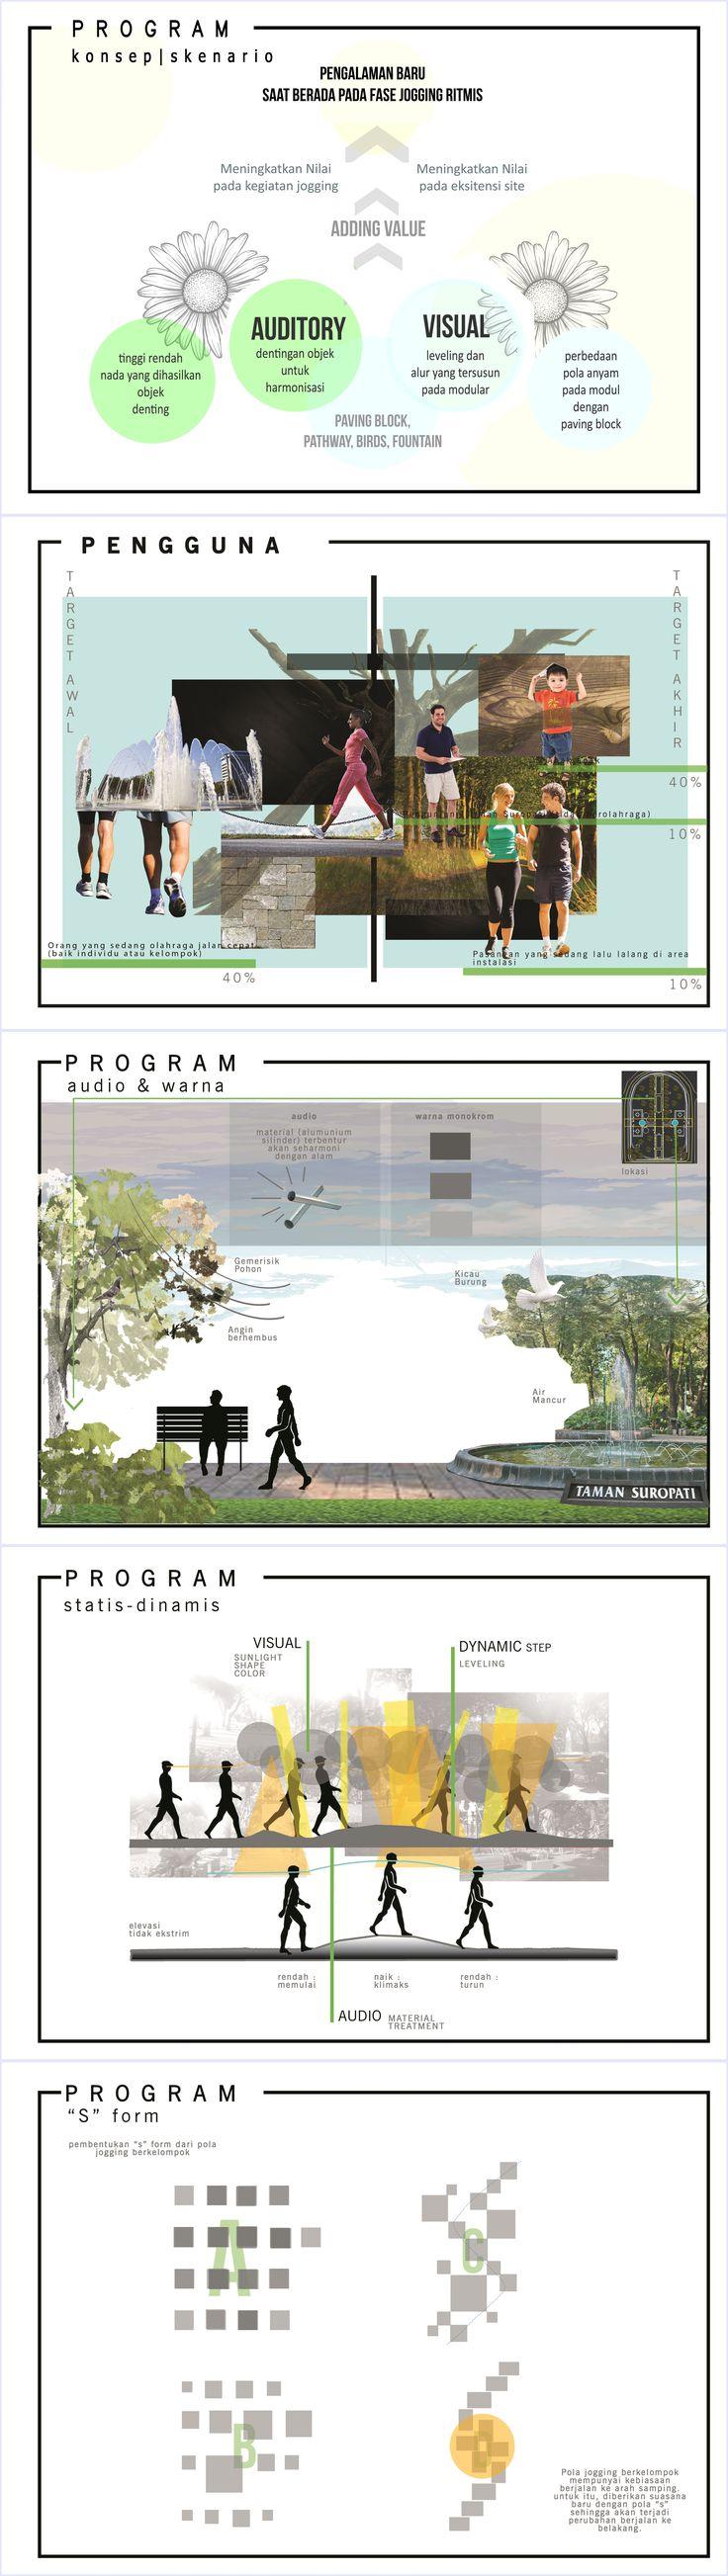 Program, konsep-sasaran